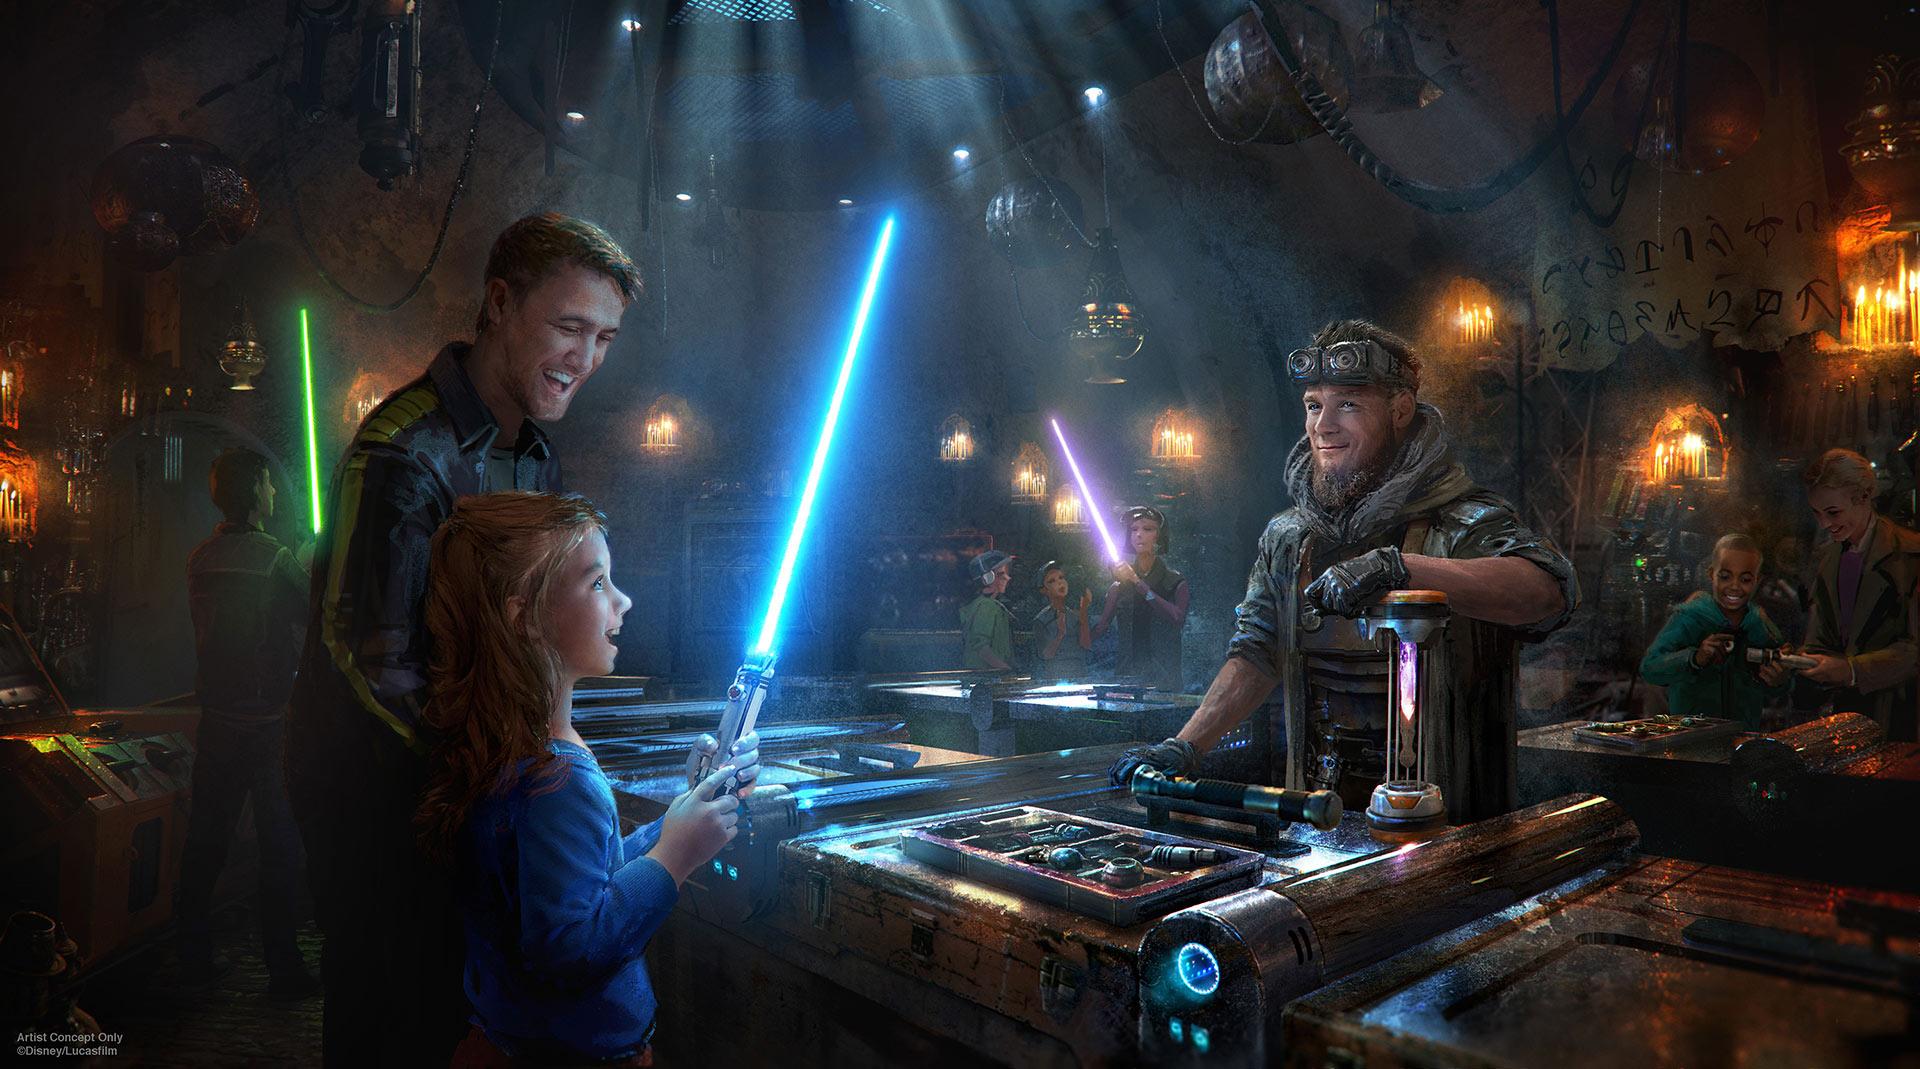 Star Wars Blue Lightsaber